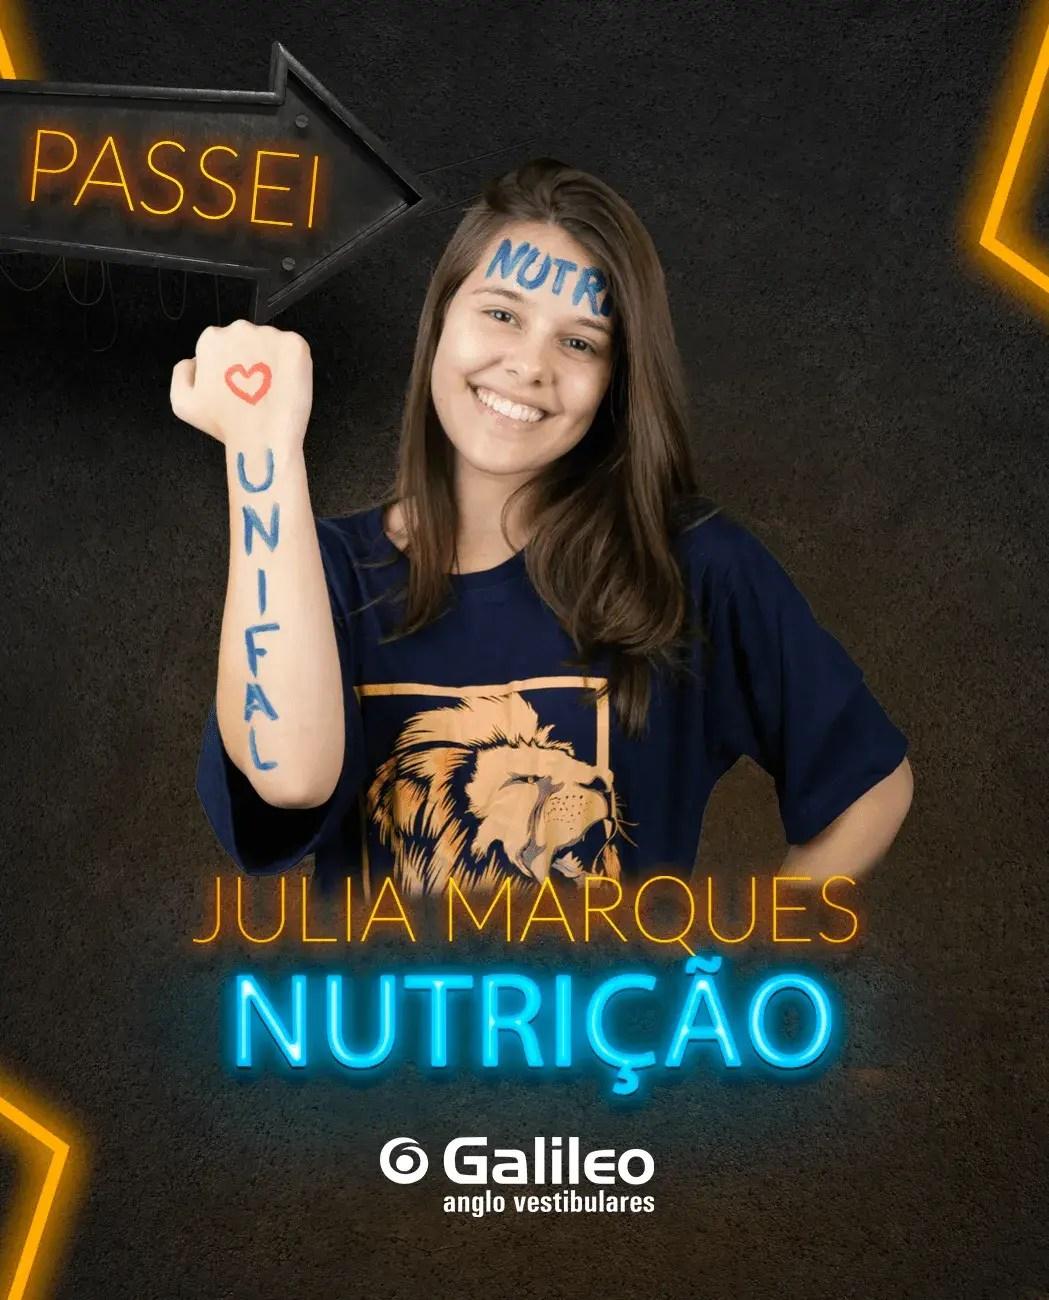 01 - Julia Marques - Nutrição-min